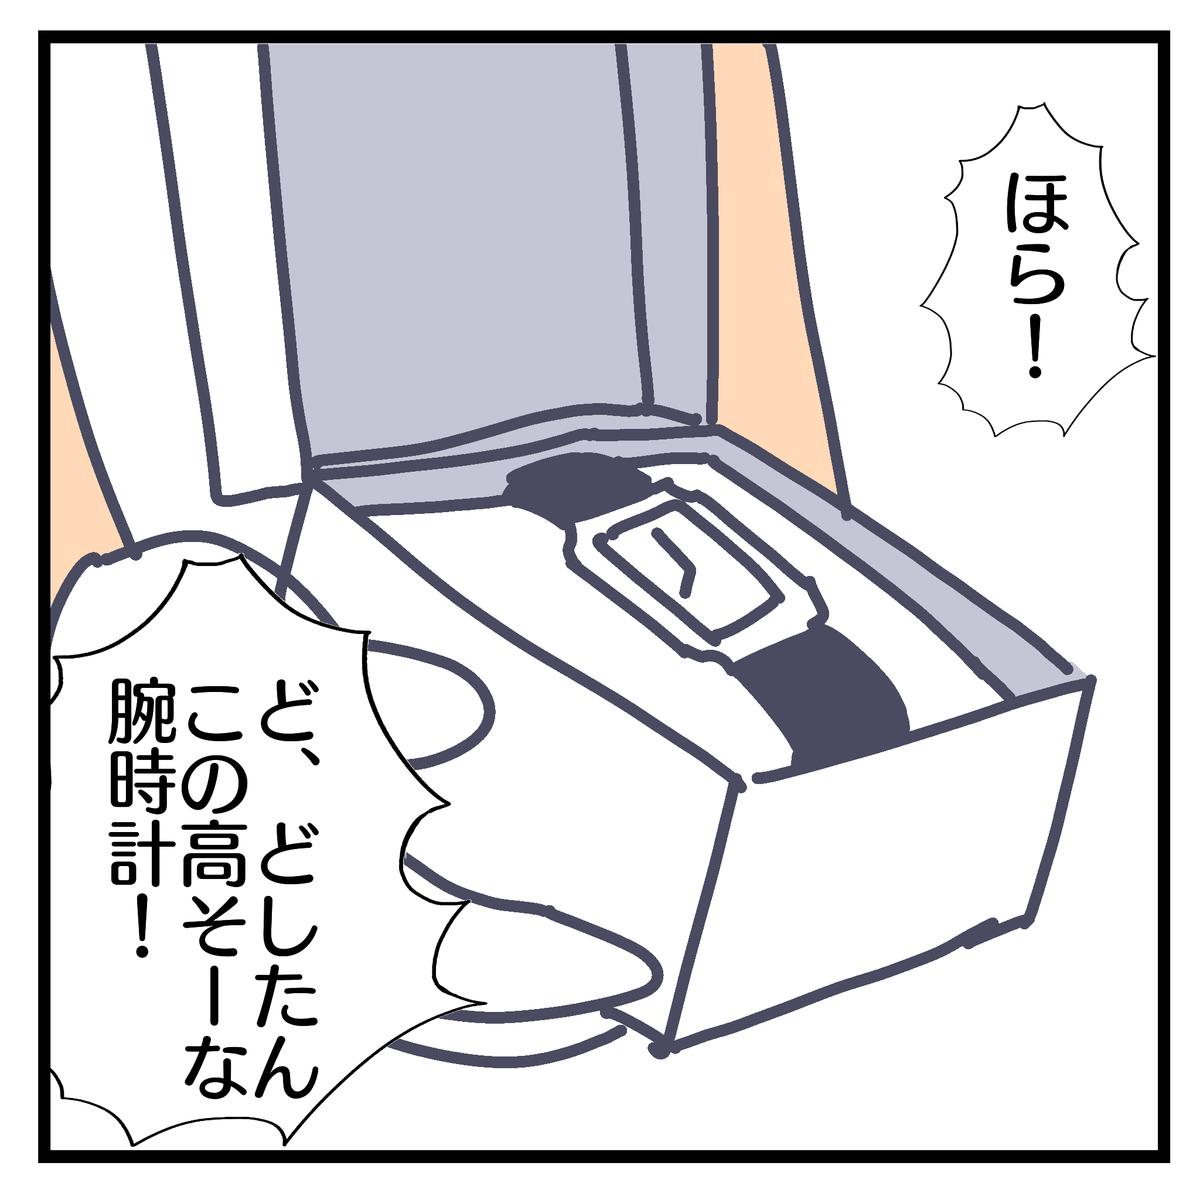 f:id:YuruFuwaTa:20200604114120p:plain